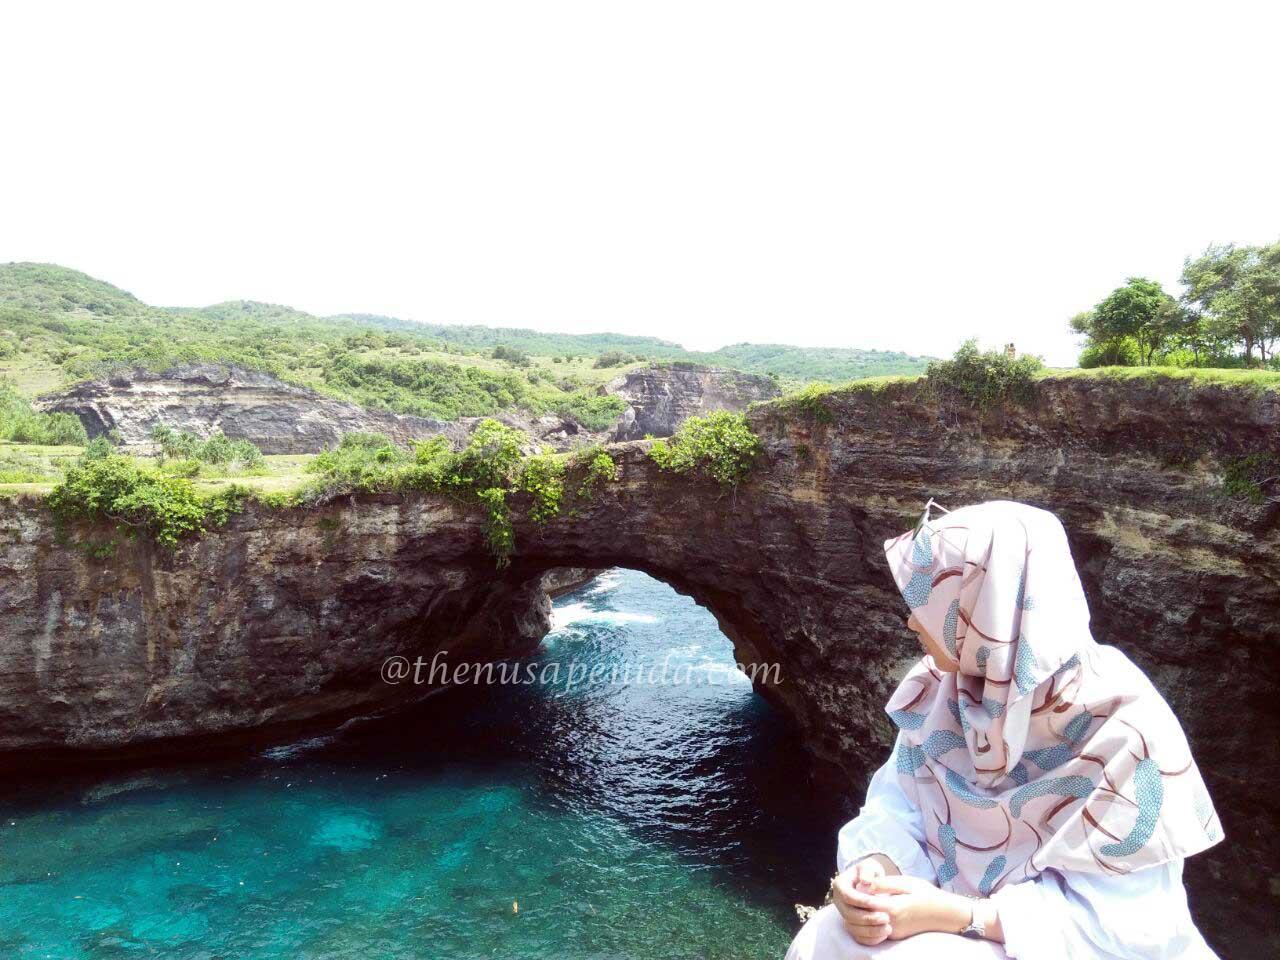 Harga Paket Tour Ke Nusa Penida Tahun 2018 Murah Honeymoon Bali 4 Hari 3 Malam Update Brokenbeach 2 Sepeda Motor